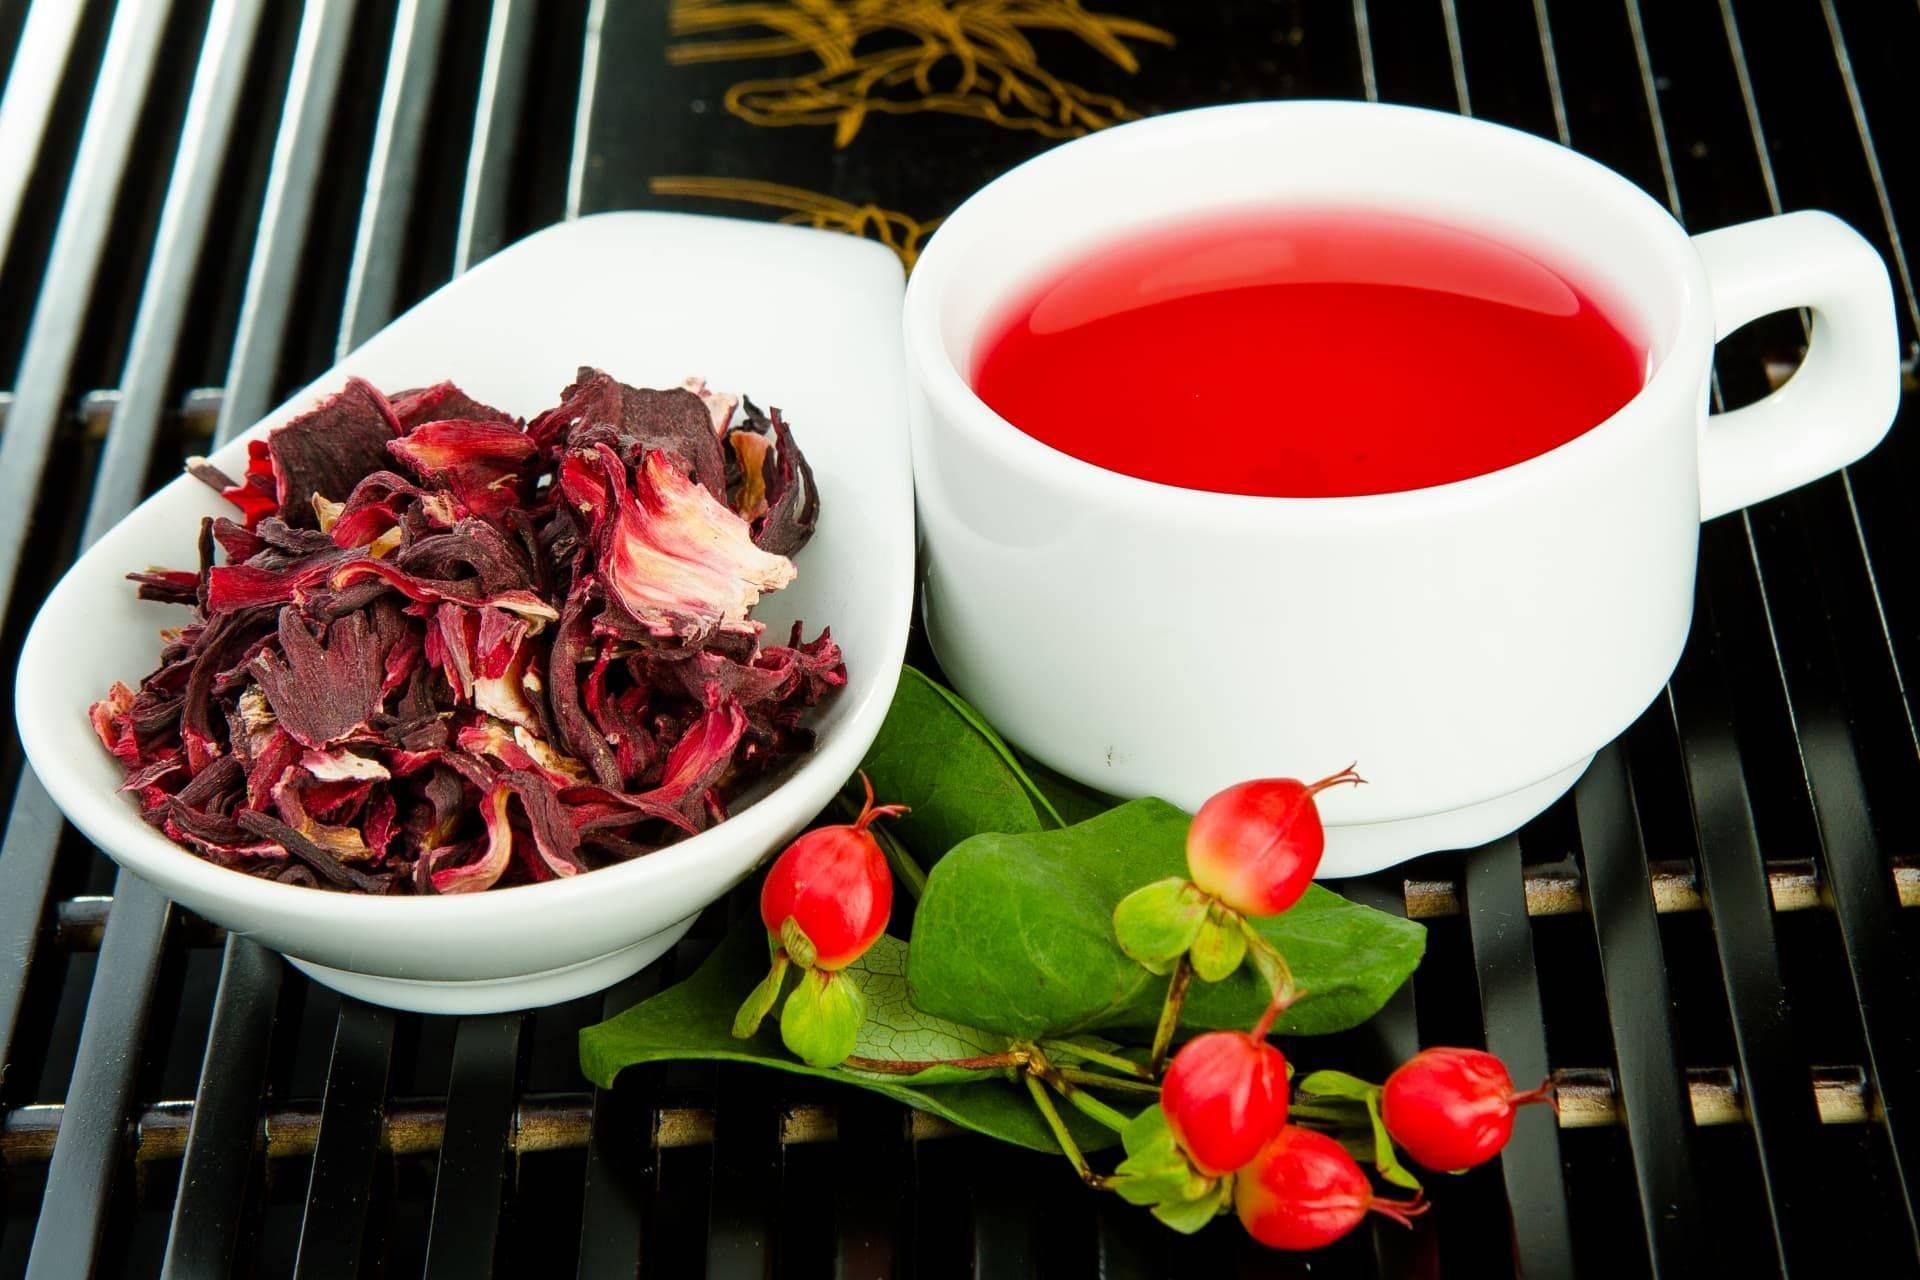 Повышает или понижает давление тот или иной вид чая - рассматриваем действие травяных, чёрных, красных и других видов напитка